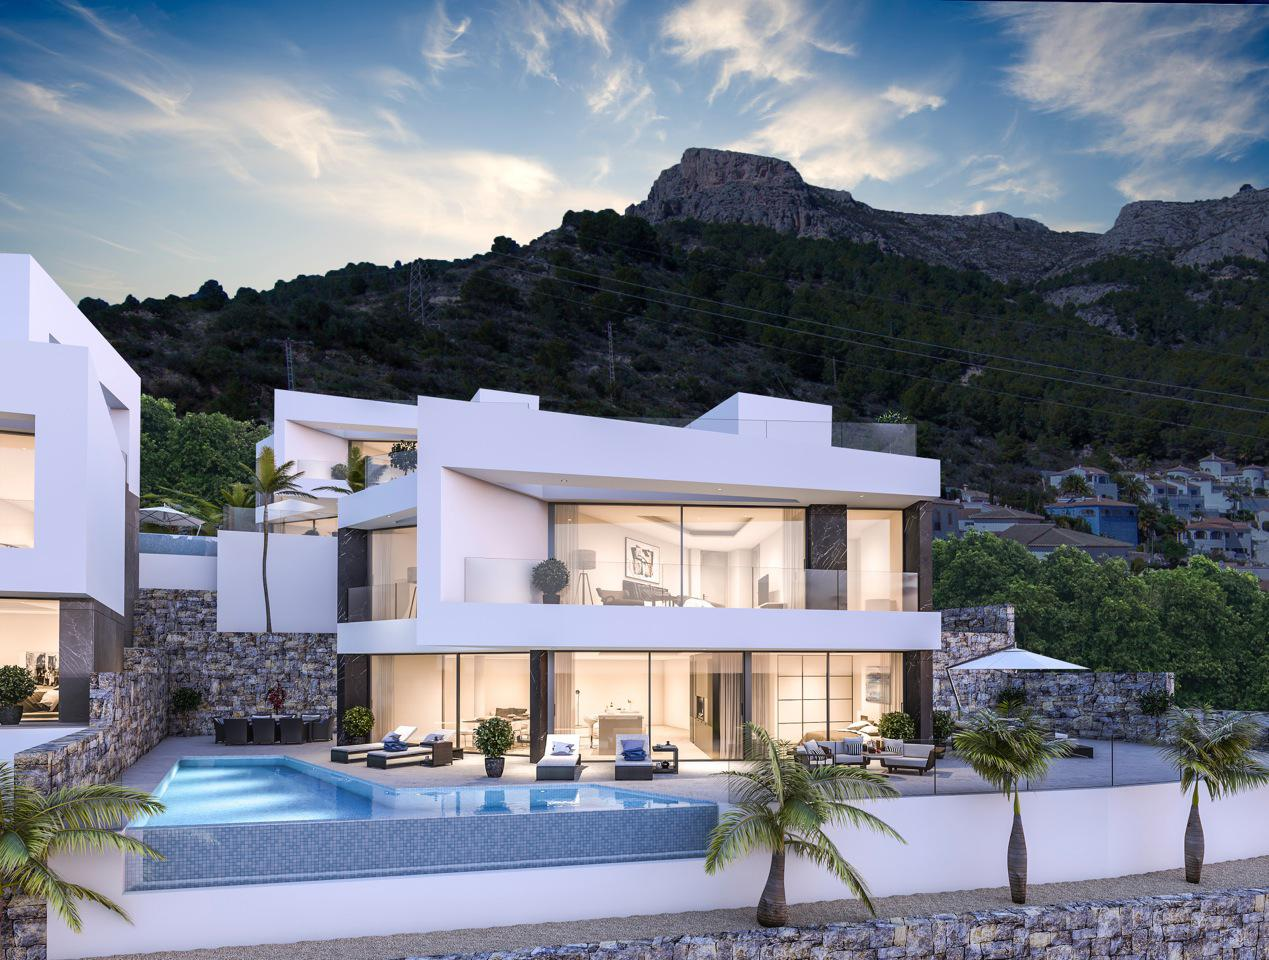 Nueva promocion en calpe de 6 villas de lujo modernas e independientes con vistas al mar - imagenInmueble2